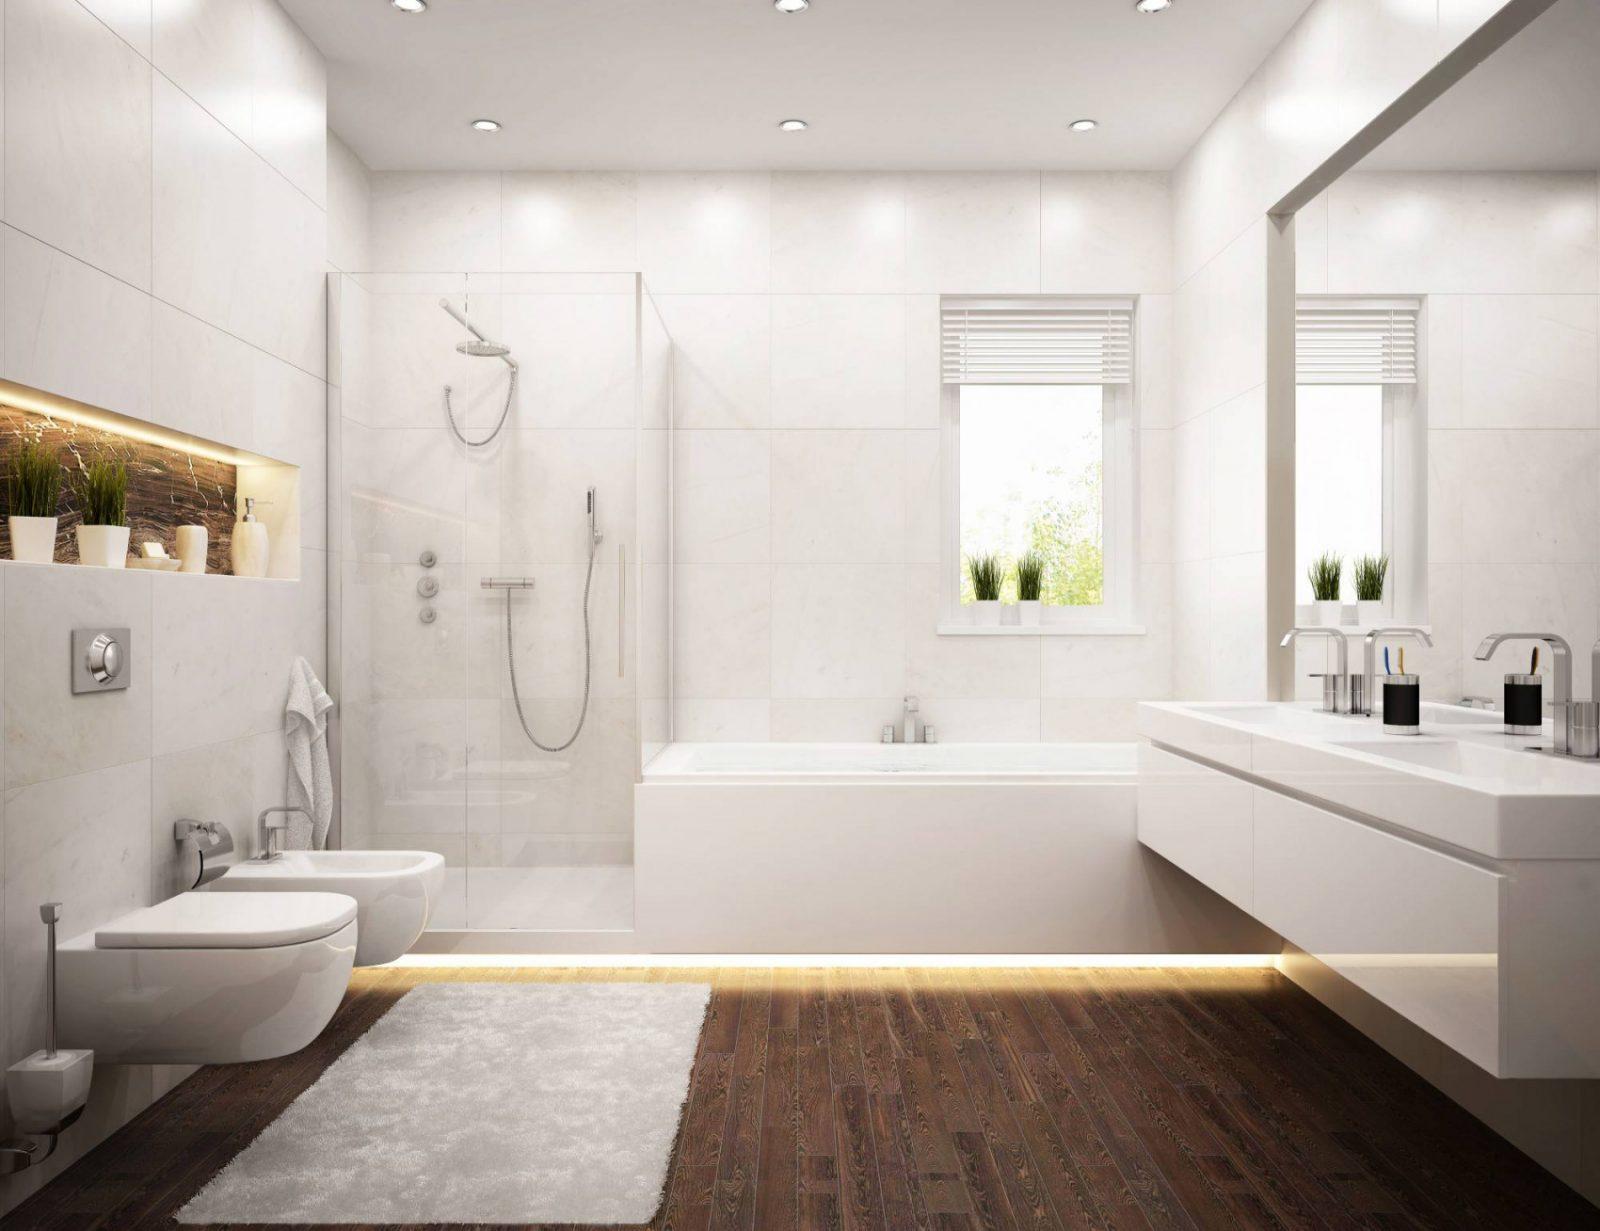 Kleines Bad Planen Und Gestalten – Tipps Und Ideen  Obi von Kleines Bad Renovieren Ideen Photo